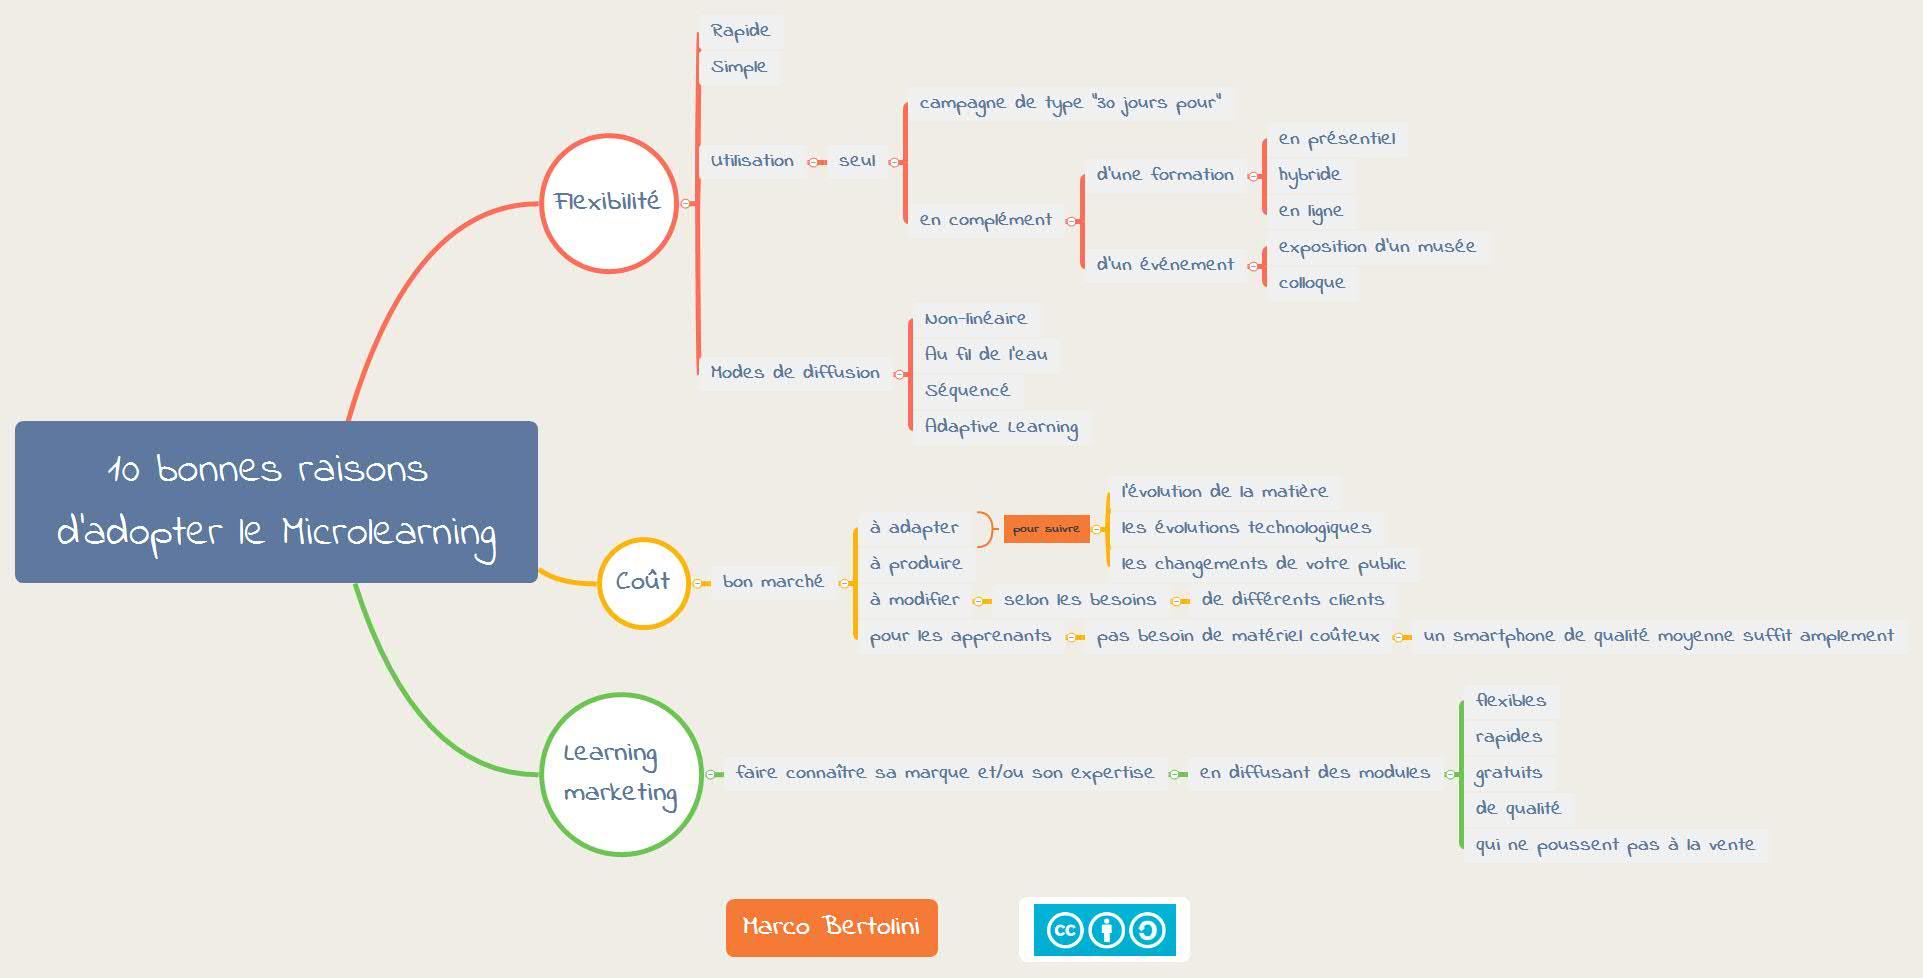 Carte mentale : 10 bonnes raisons d'adopter le microlearning pour vos formations !